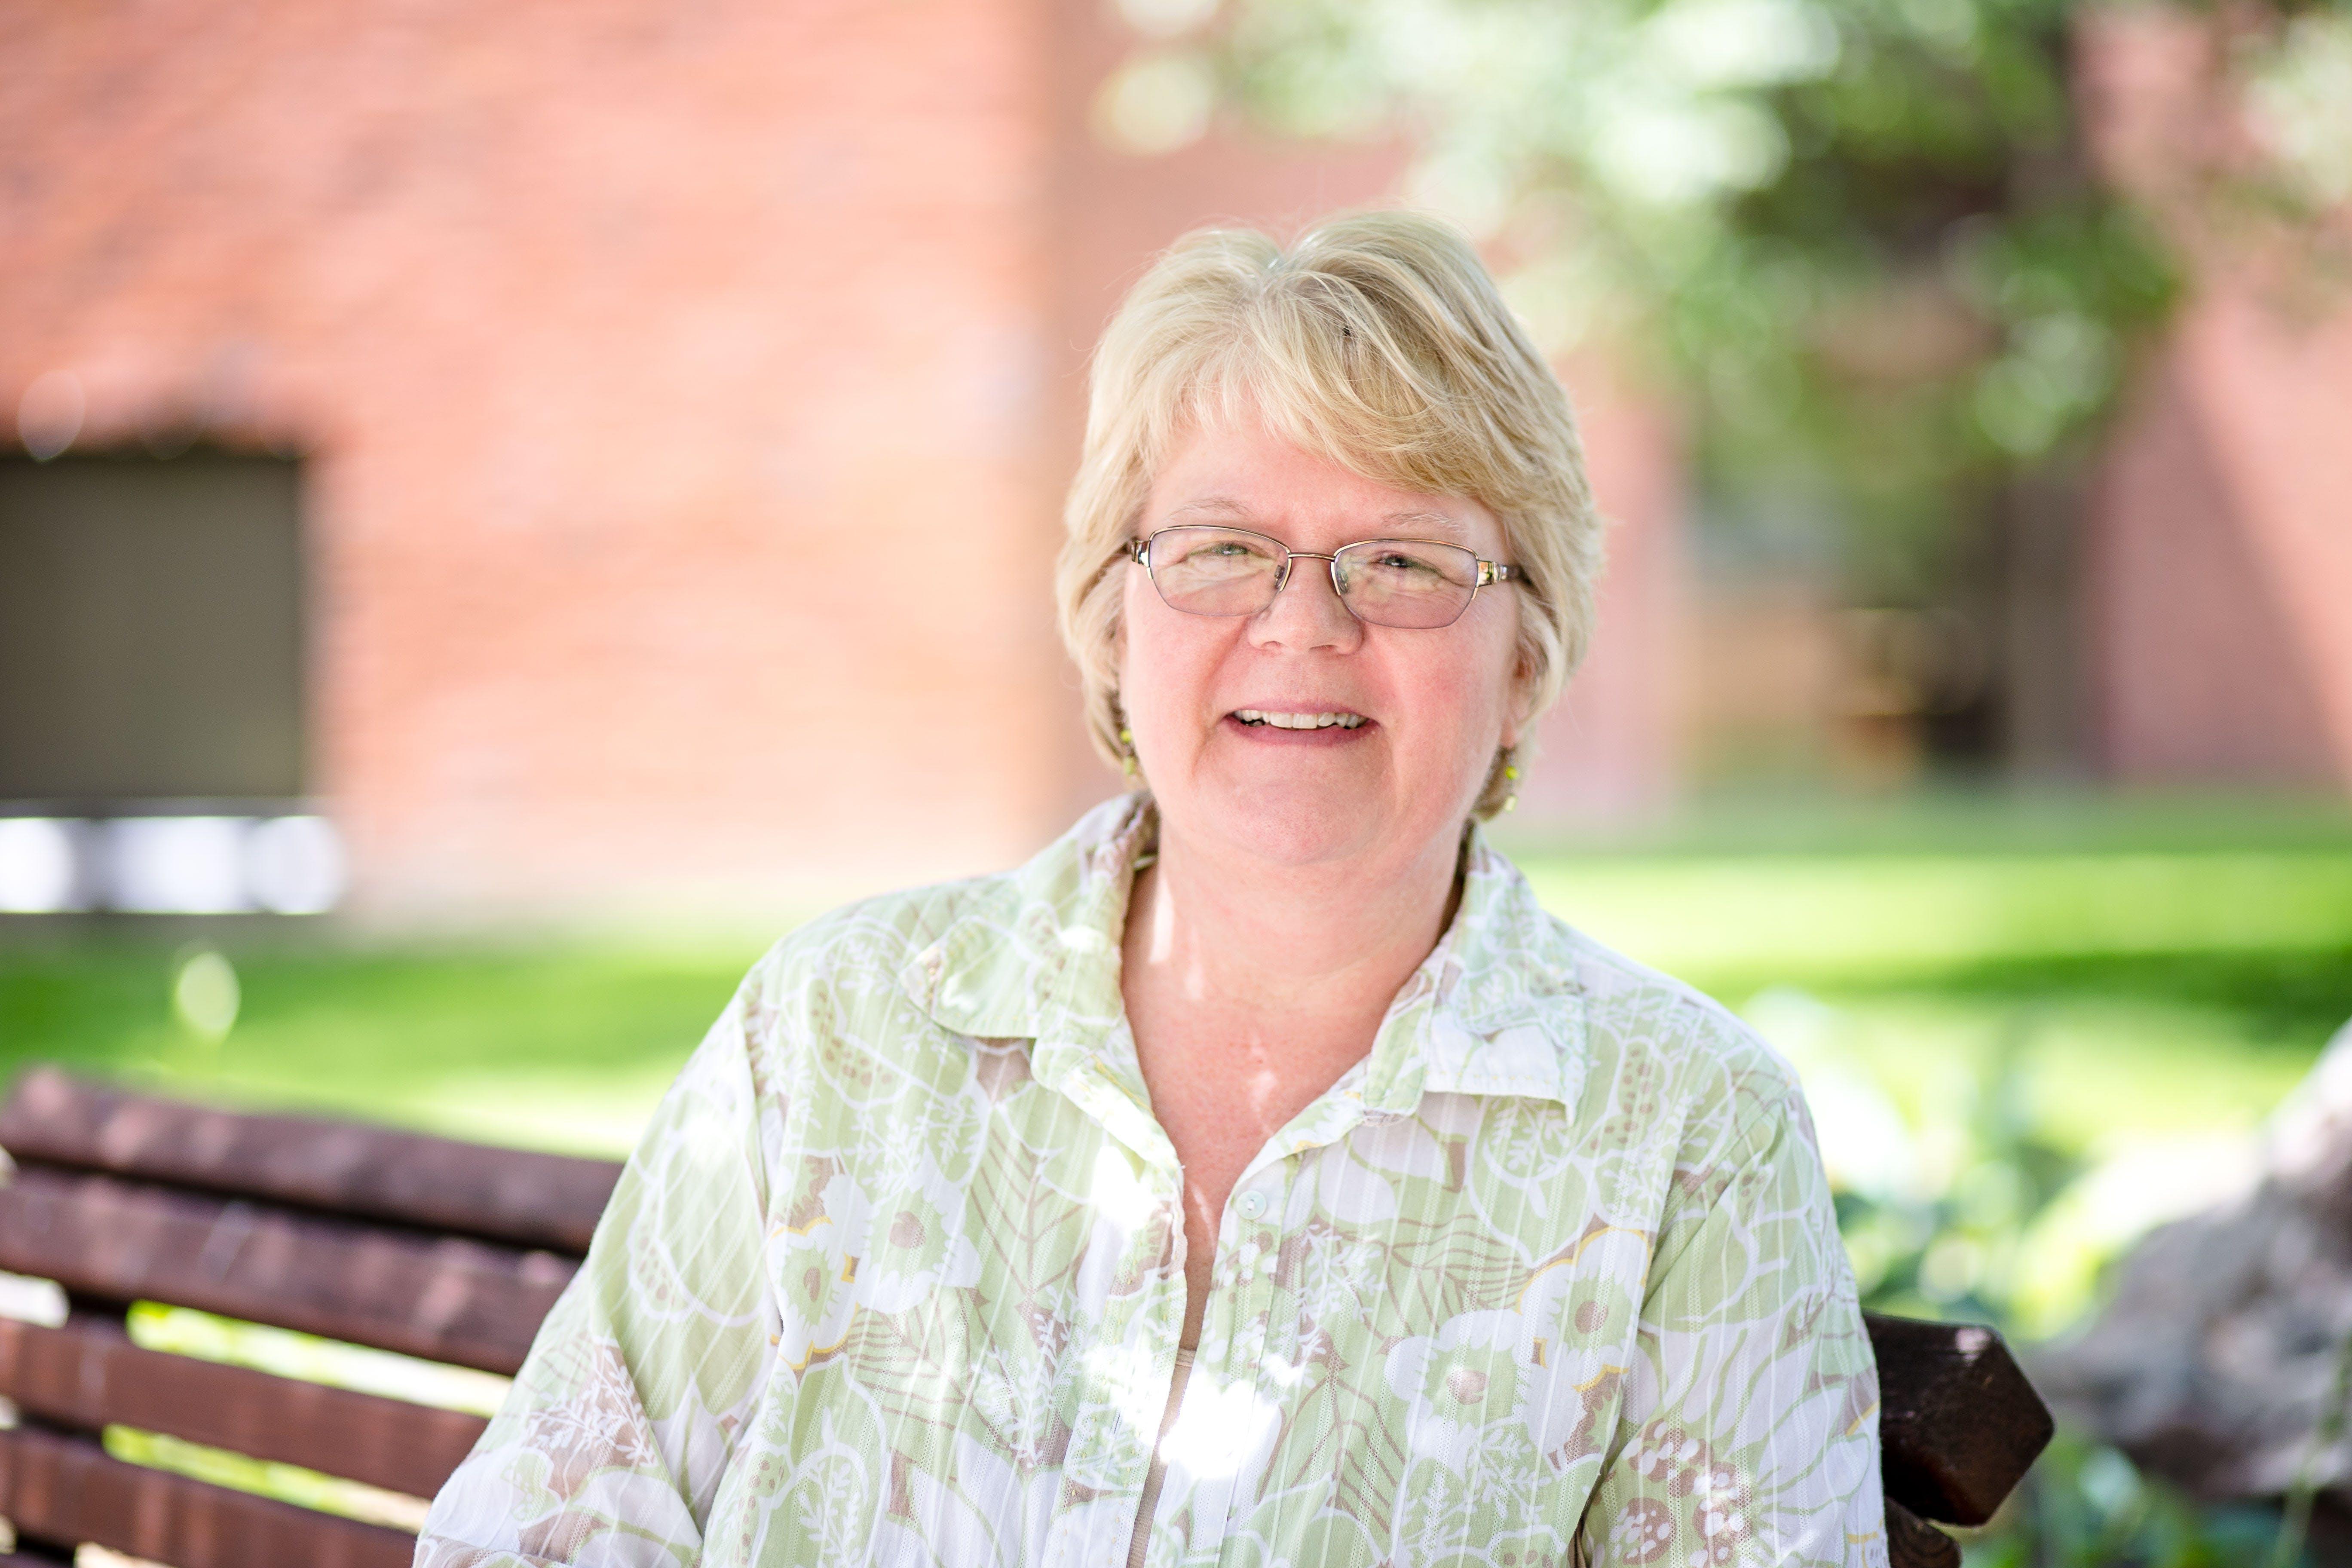 Julie Curtis